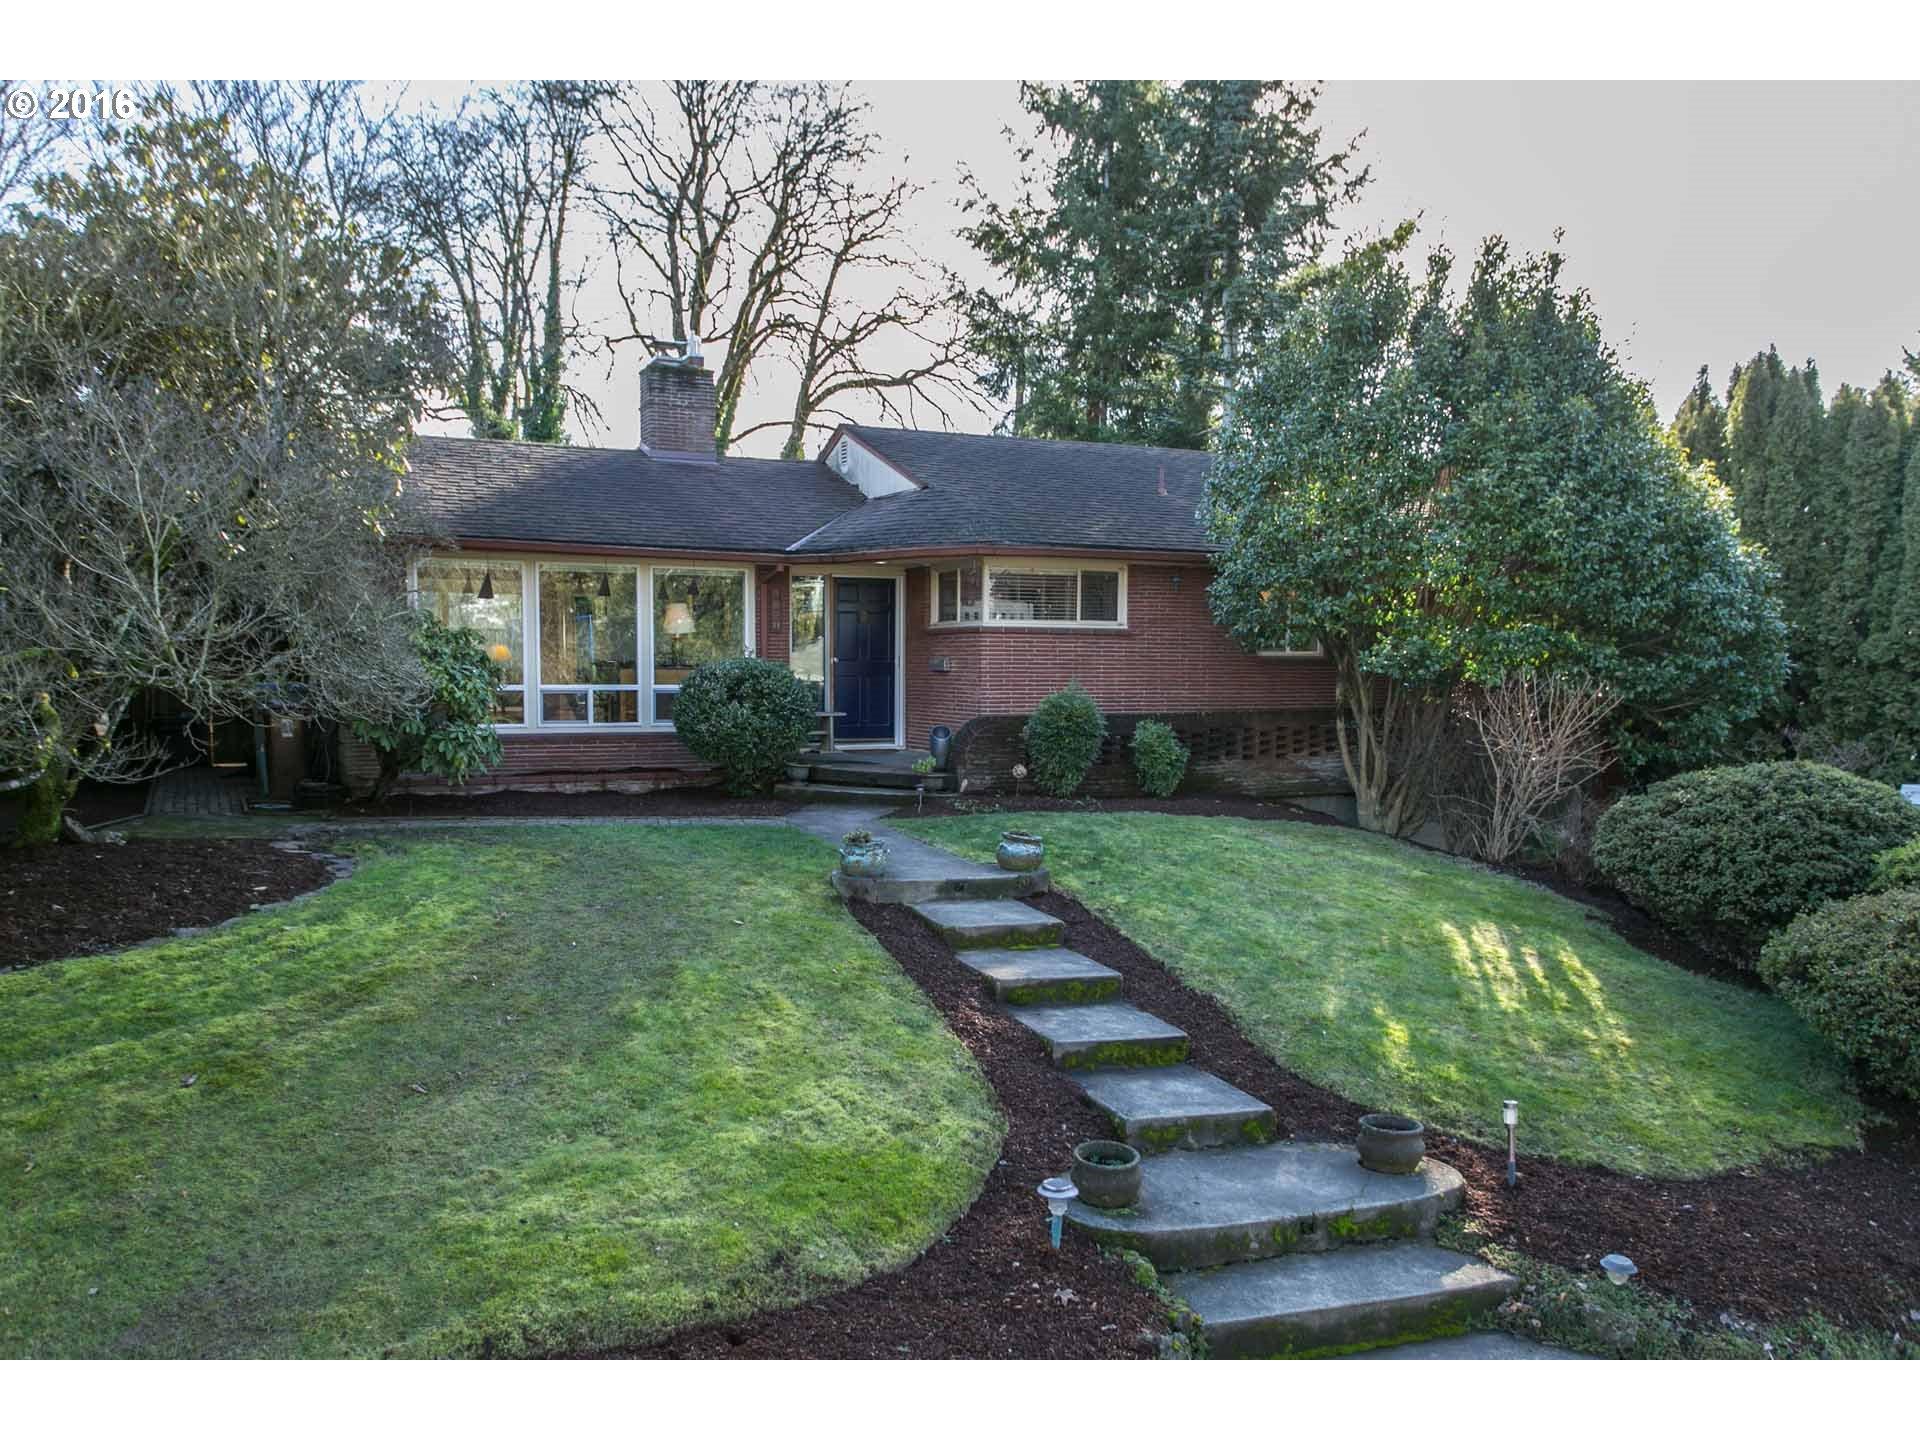 9820 SW ARDENWOOD ST, Portland, OR 97225